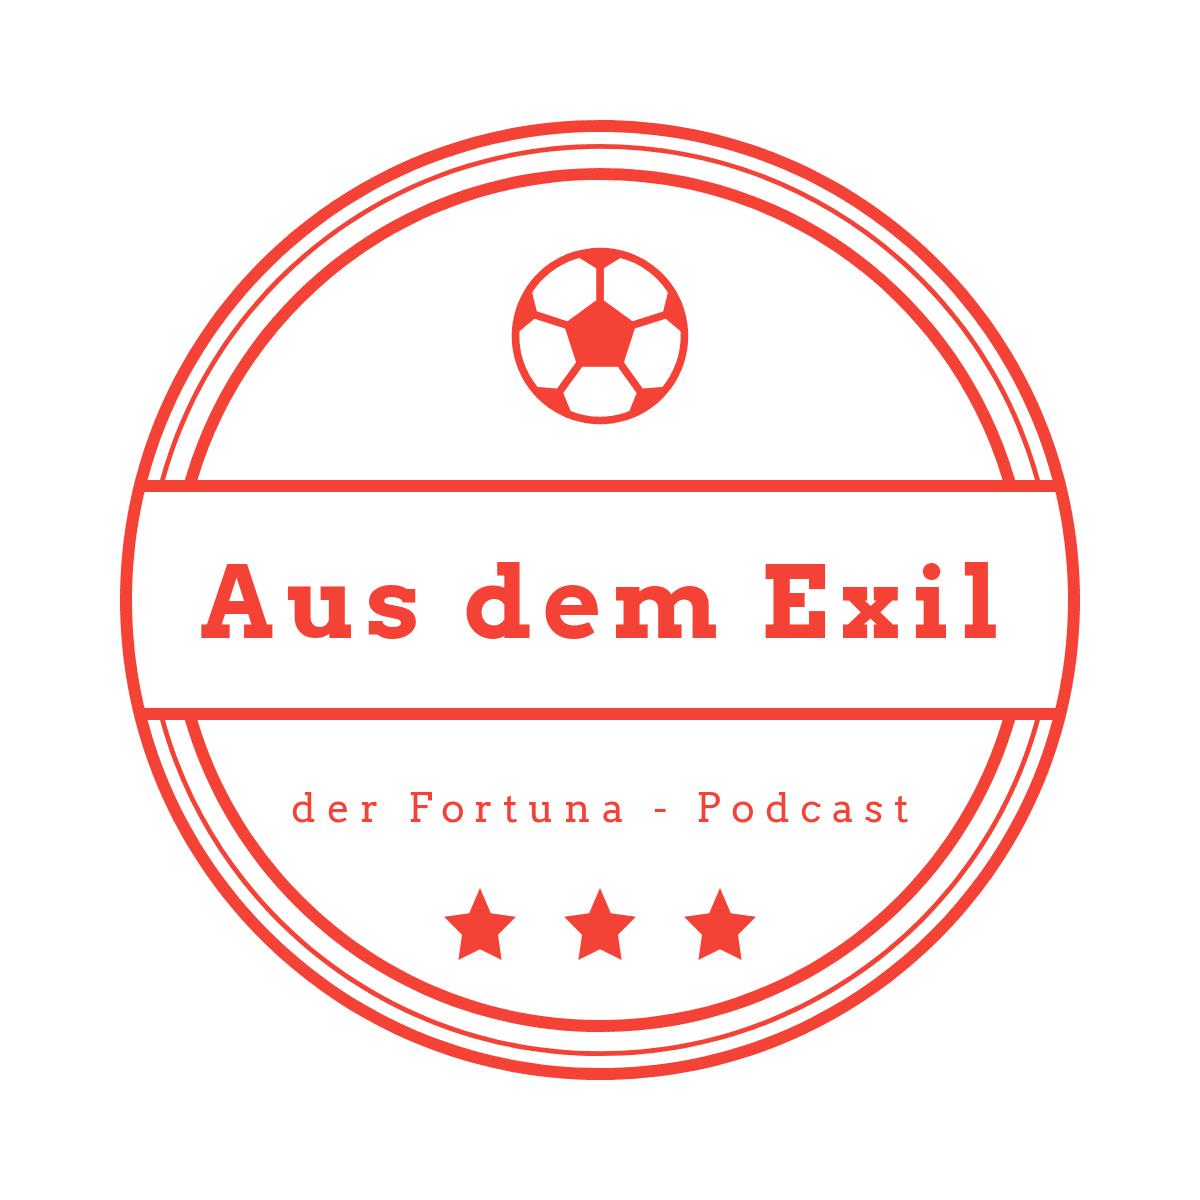 aus dem Exil – der Fortuna-Podcast